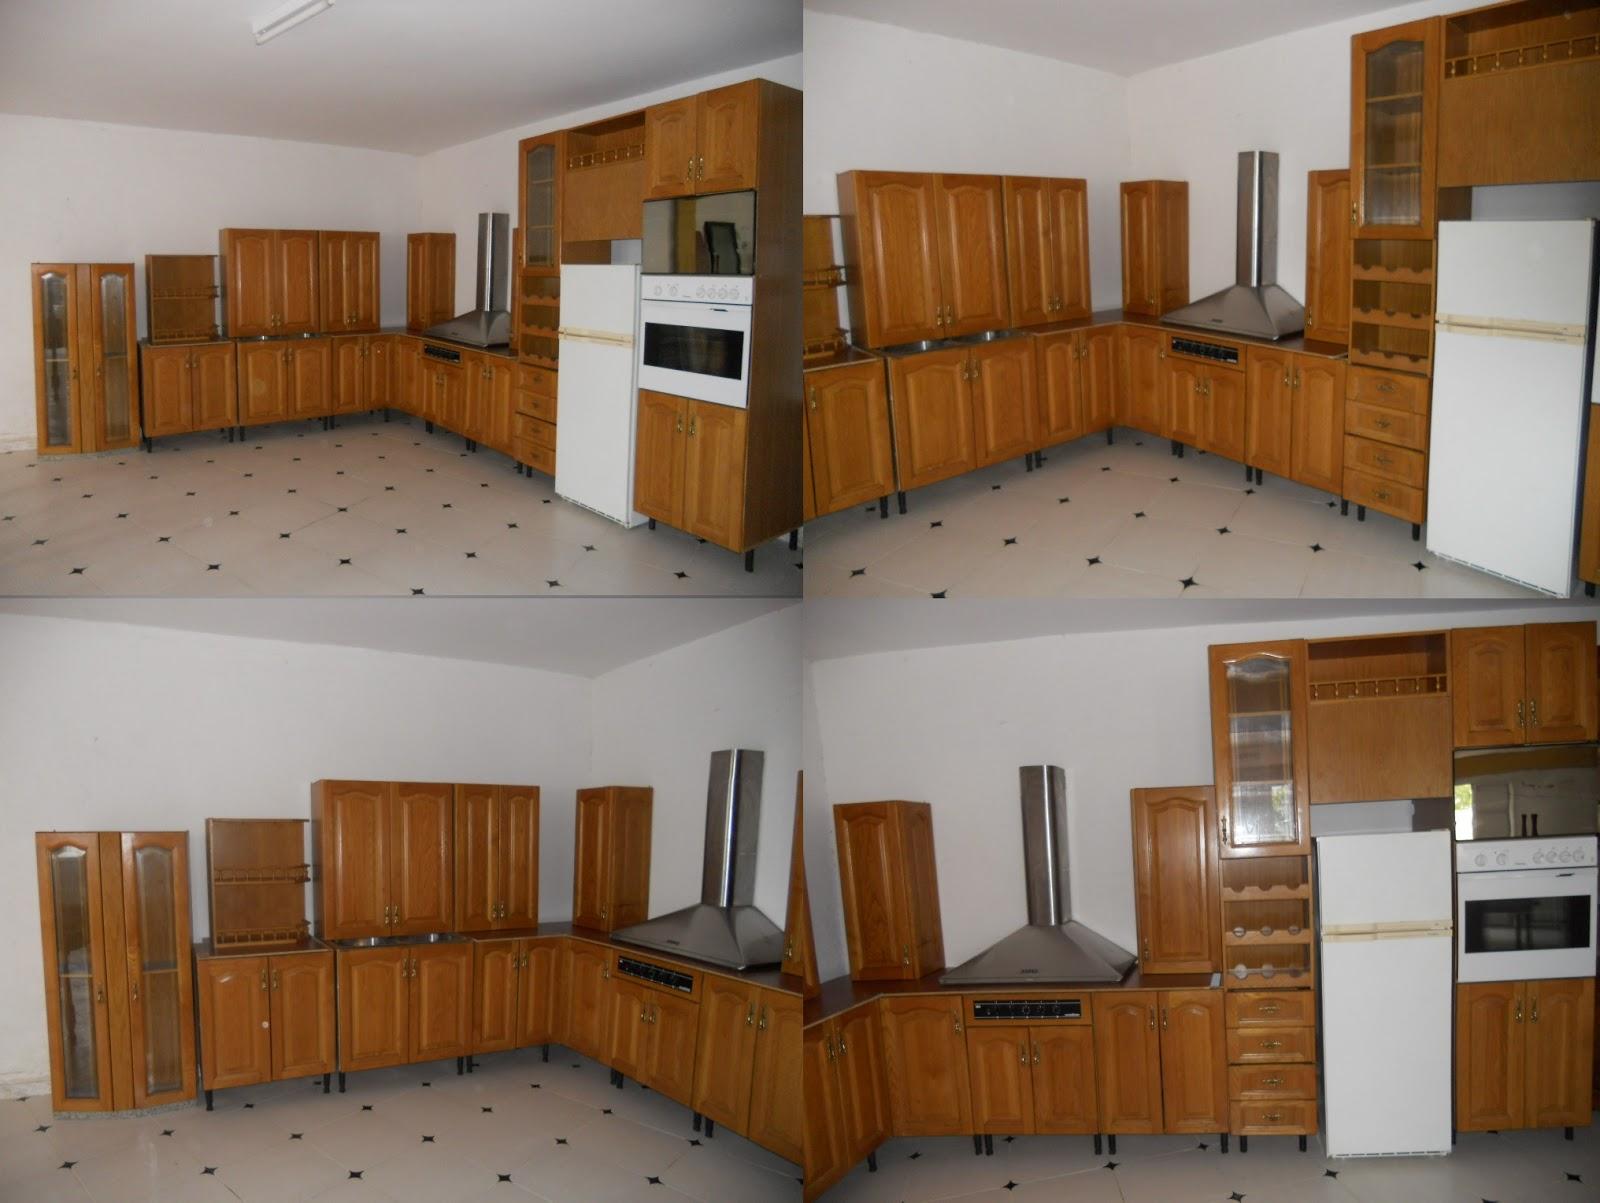 Publicidad los pedroches muebles de cocina roble con - Cocina con electrodomesticos ...